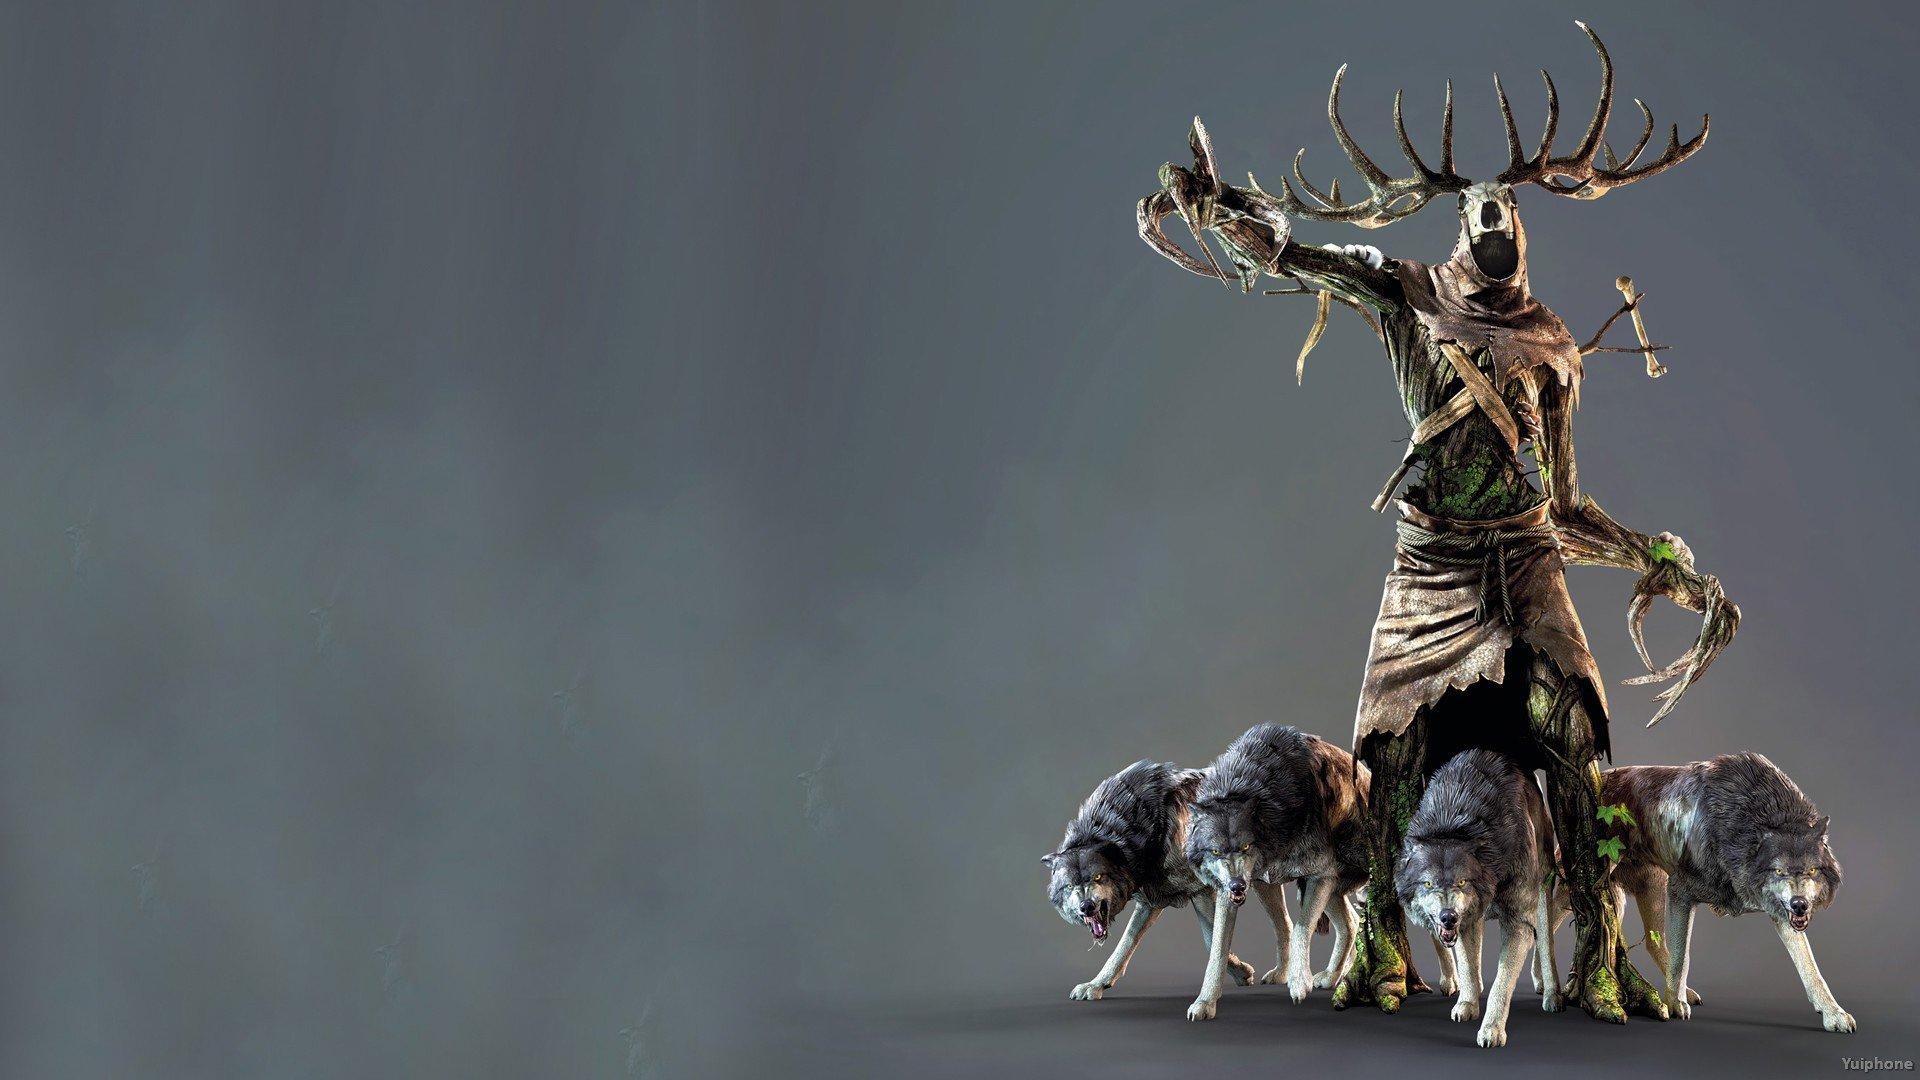 WITCHER 3 fantasy warrior monster dark creature wolf wolves wallpaper 1920x1080